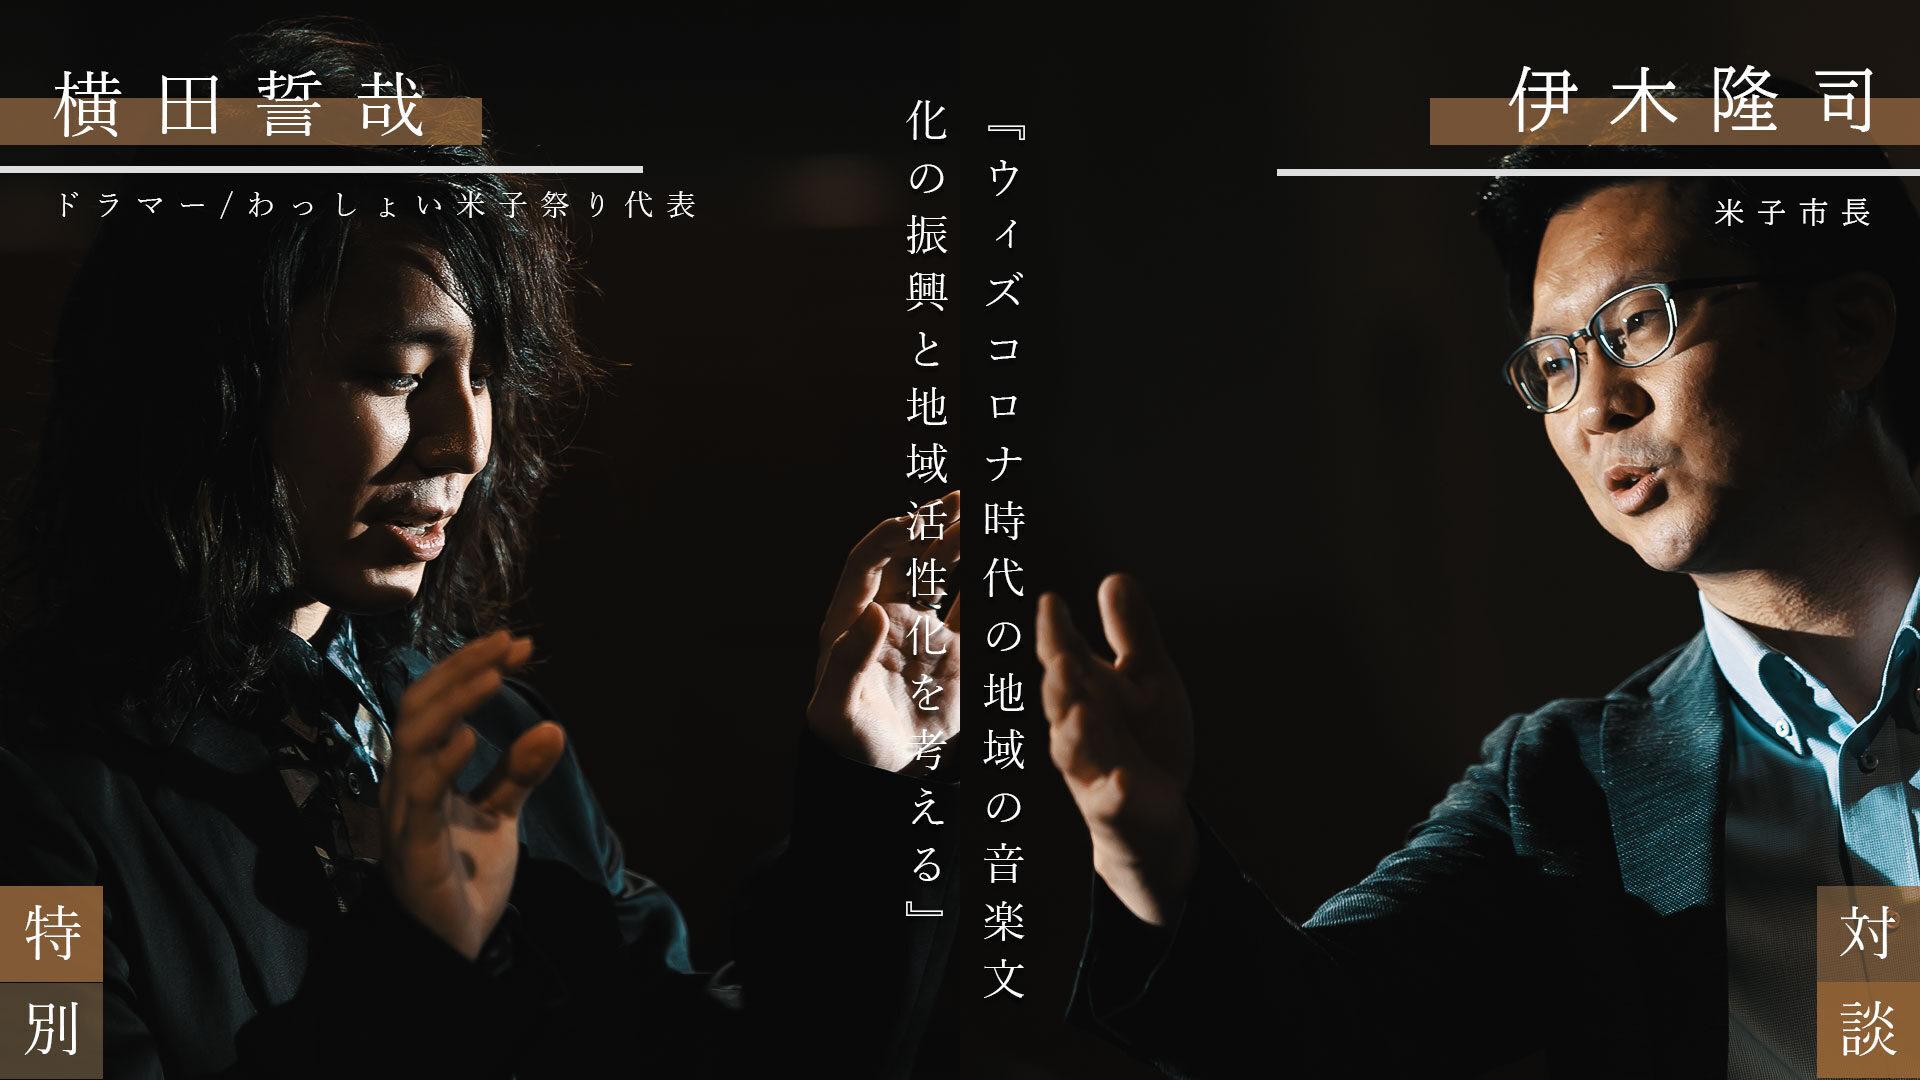 [特別対談]ドラマー横田誓哉×伊木隆司米子市長『ウィズコロナ時代の地域の音楽文化の振興と地域活性化を考える』